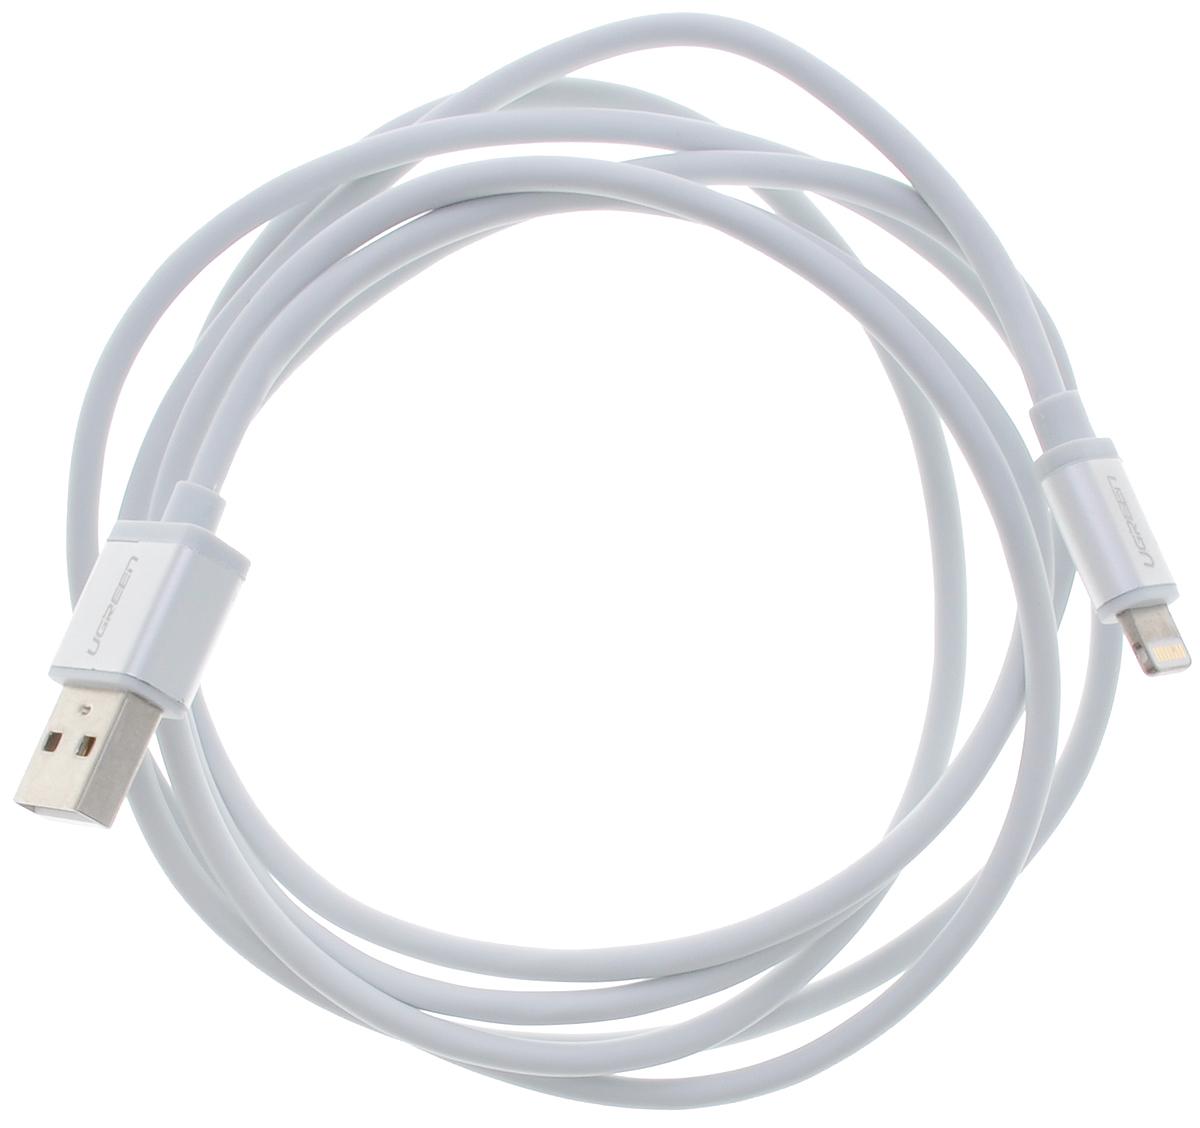 Ugreen UG-10812, White Silver кабель-переходник USB 1 мUG-10812Кабель Ugreen UG-10812 подходит для зарядки и синхронизации iPhone/iPod/iPad с интерфейсом Lightning и полностью соответствует стандартам качества Apple.